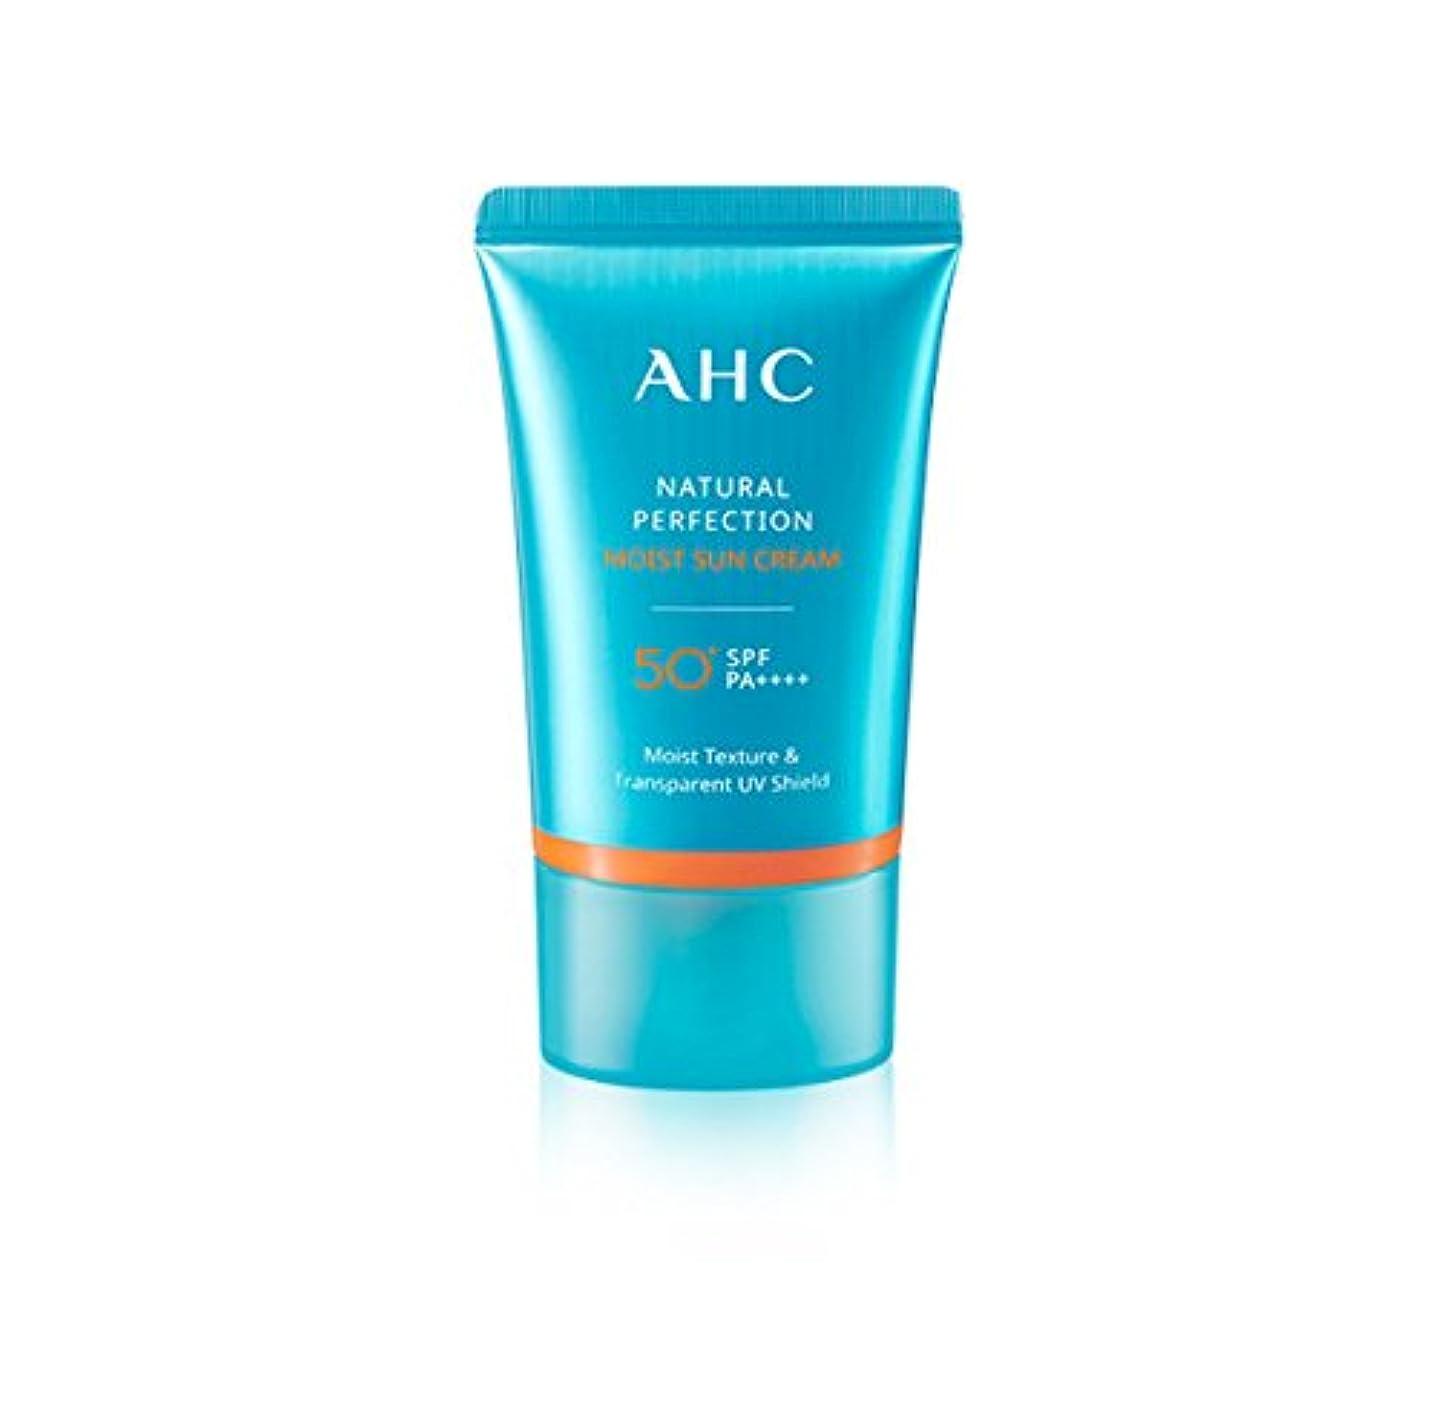 ナラーバー獣漂流AHC Natural Perfection Moist Sun Cream 50ml/AHC ナチュラル パーフェクション モイスト サン クリーム 50ml [並行輸入品]